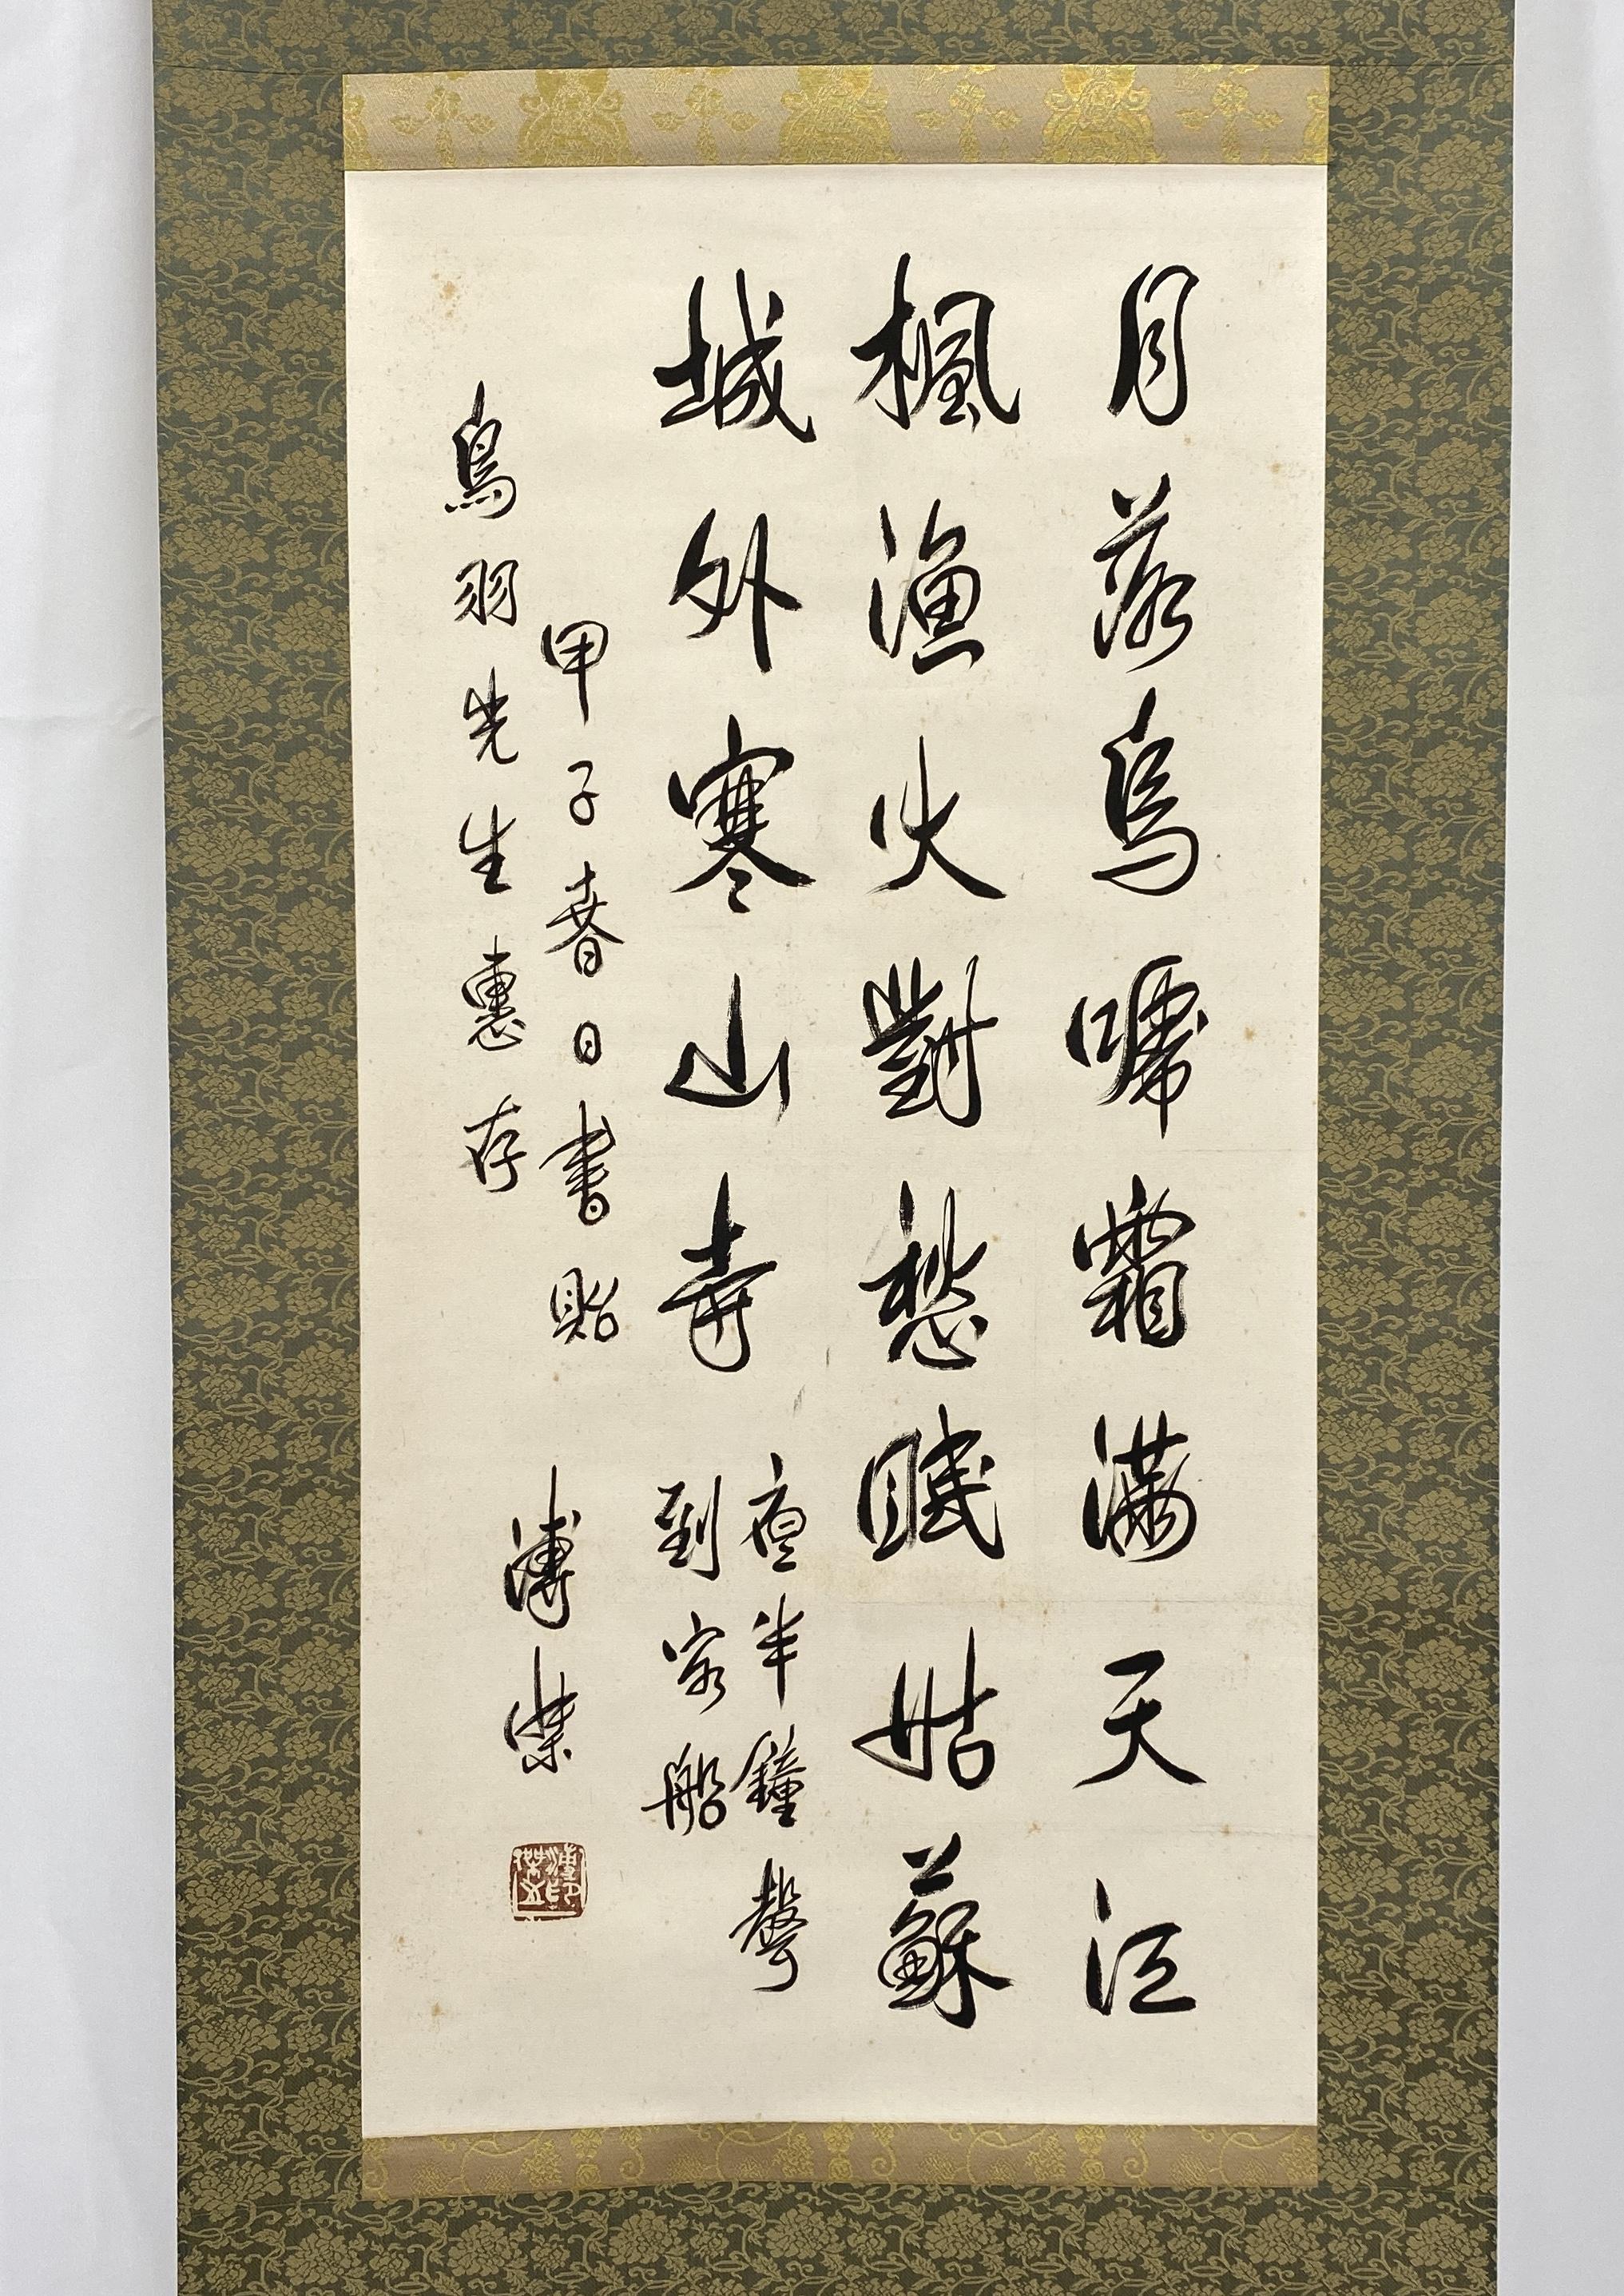 10306「愛新覚羅溥傑」行草書 軸等 計2件68×33.5cm他